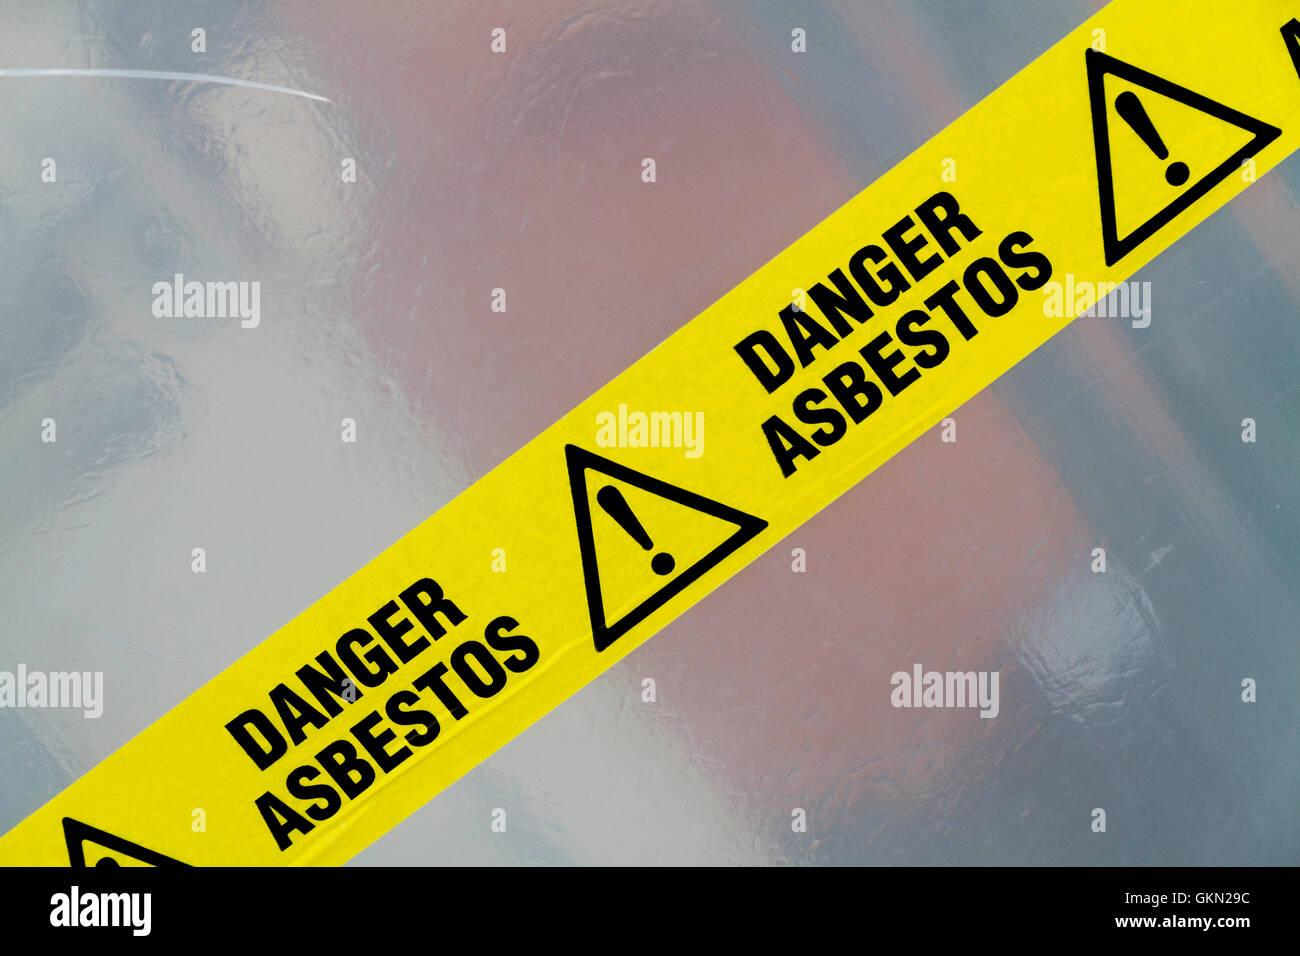 Danger Asbestos yellow warning tape close up - Stock Image